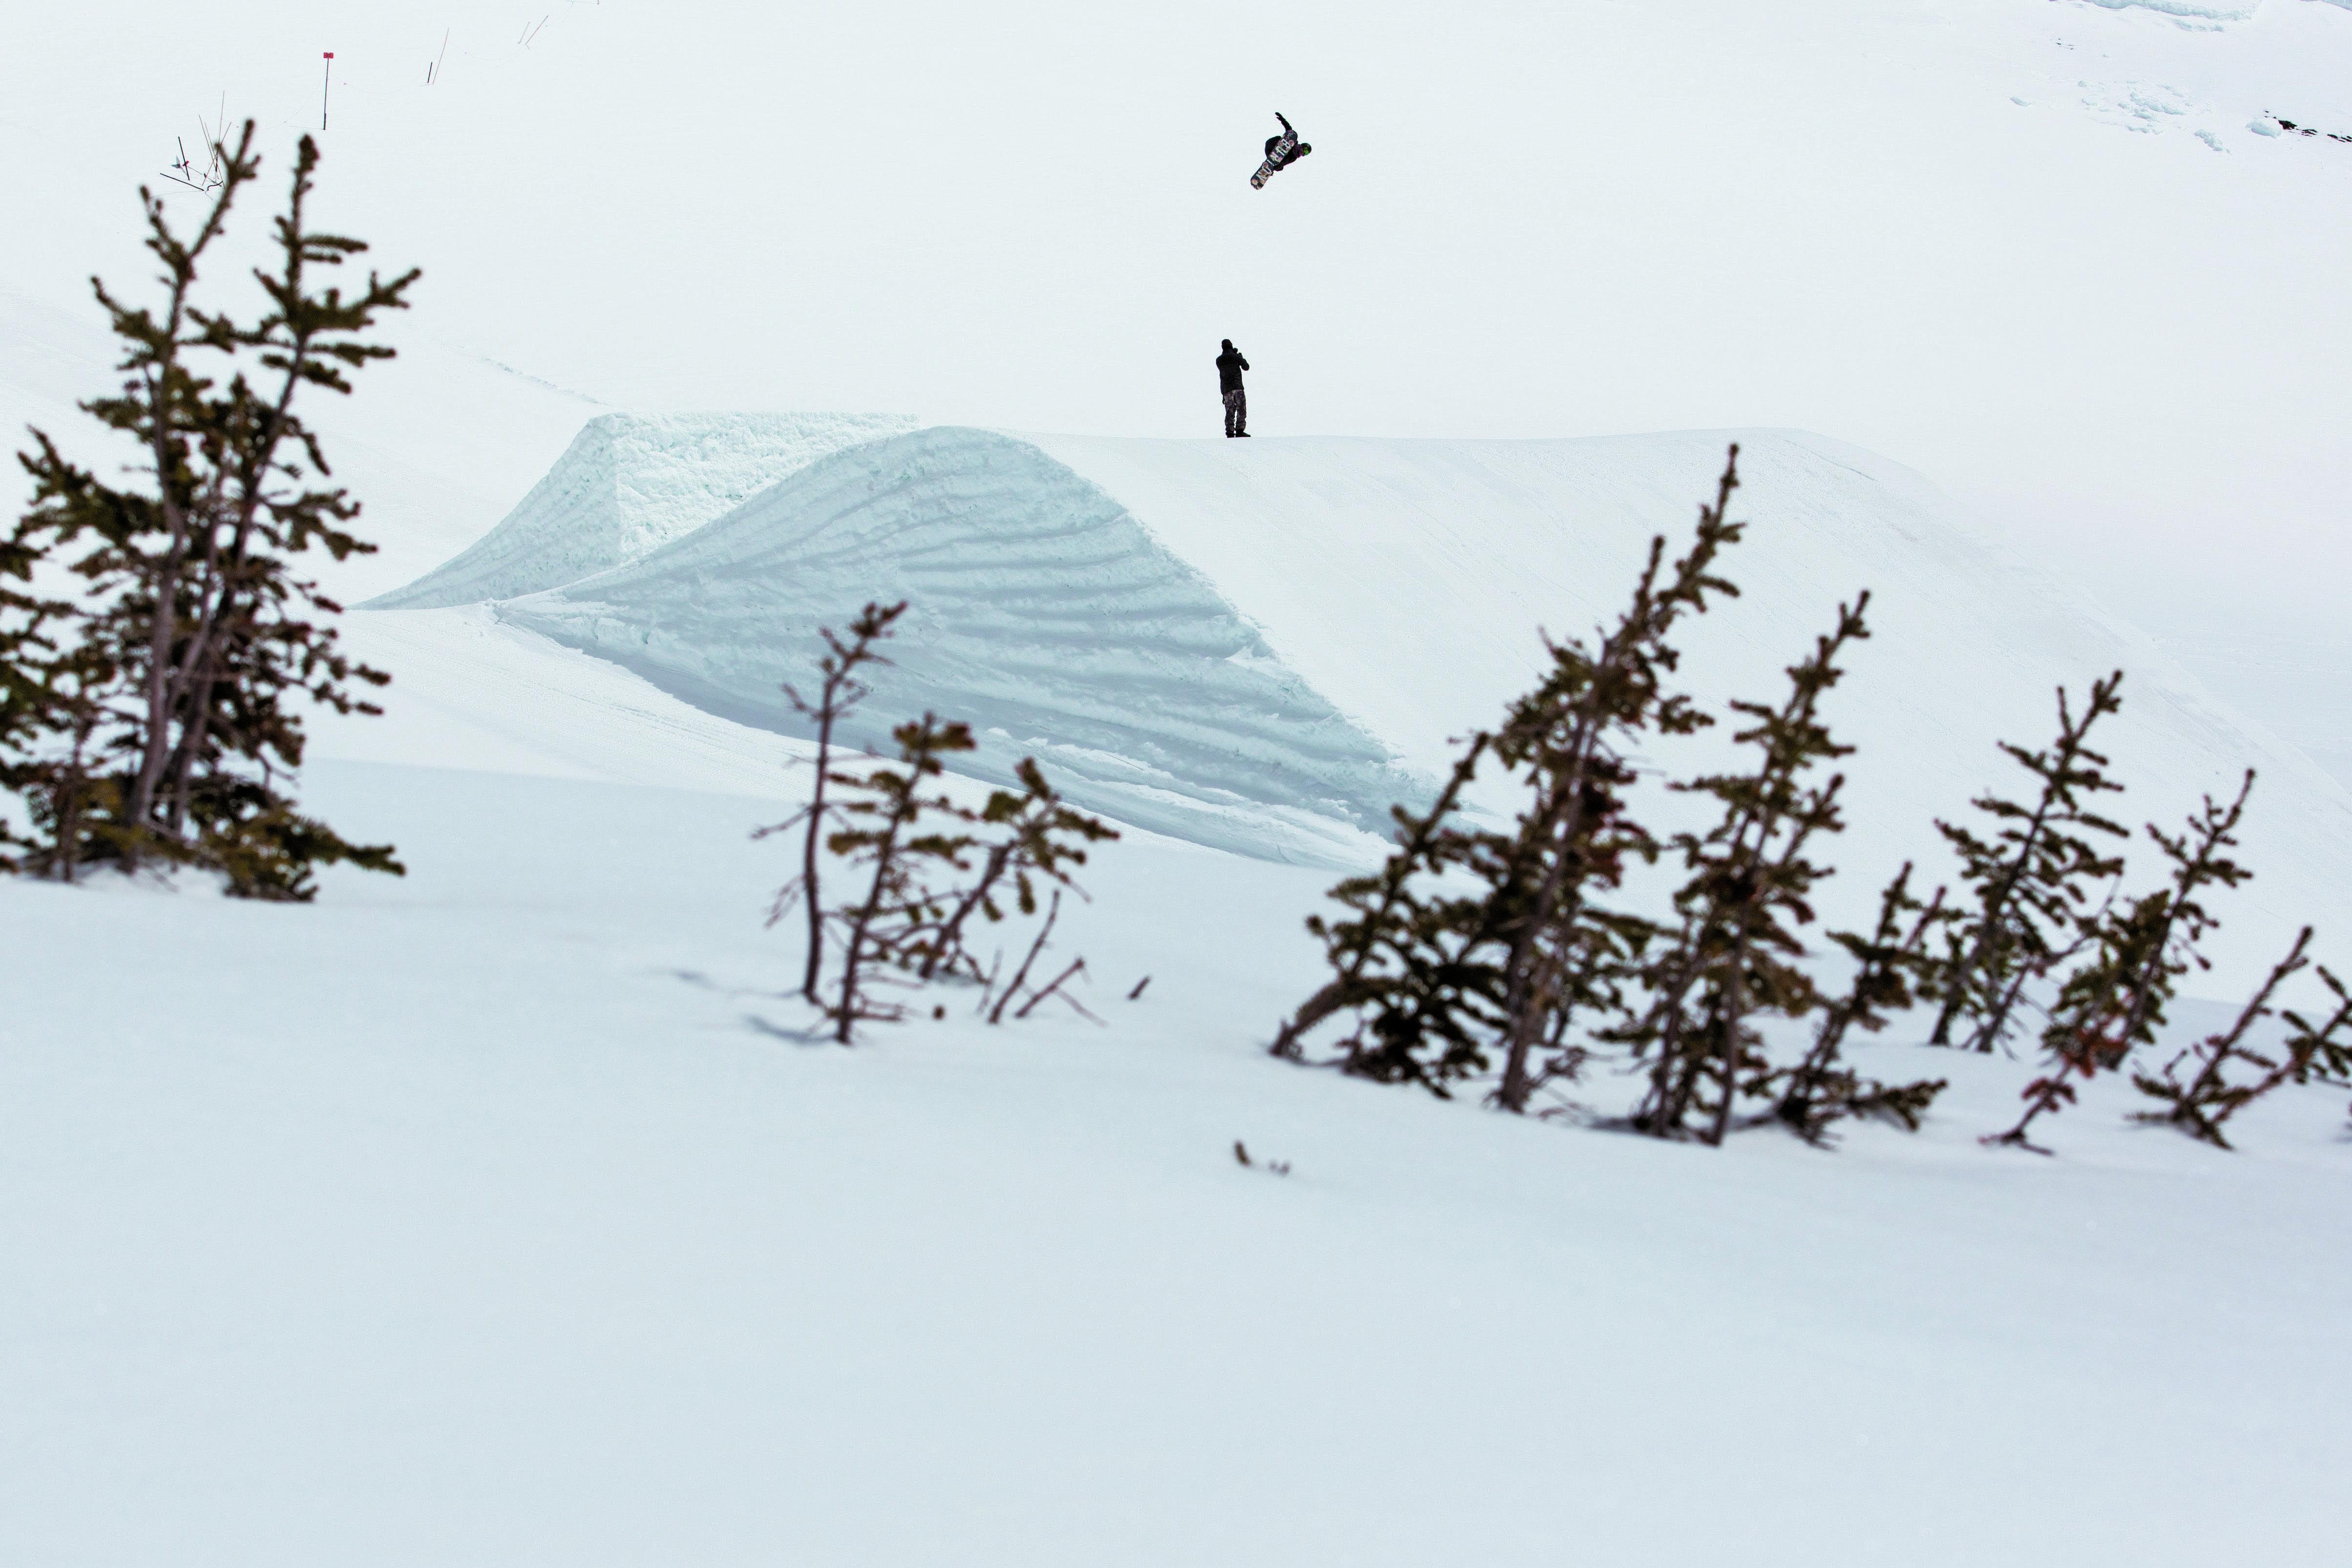 悪天候が続きわずかな晴れ間を狙いながら行われたジャンプセッション。貴重な撮影時間に極限の集中力で確実にフッテージを残す Location: Canada,AB,Sunshine Village VIEWS FROM THE VILLAGE Photo: Erin Hogue